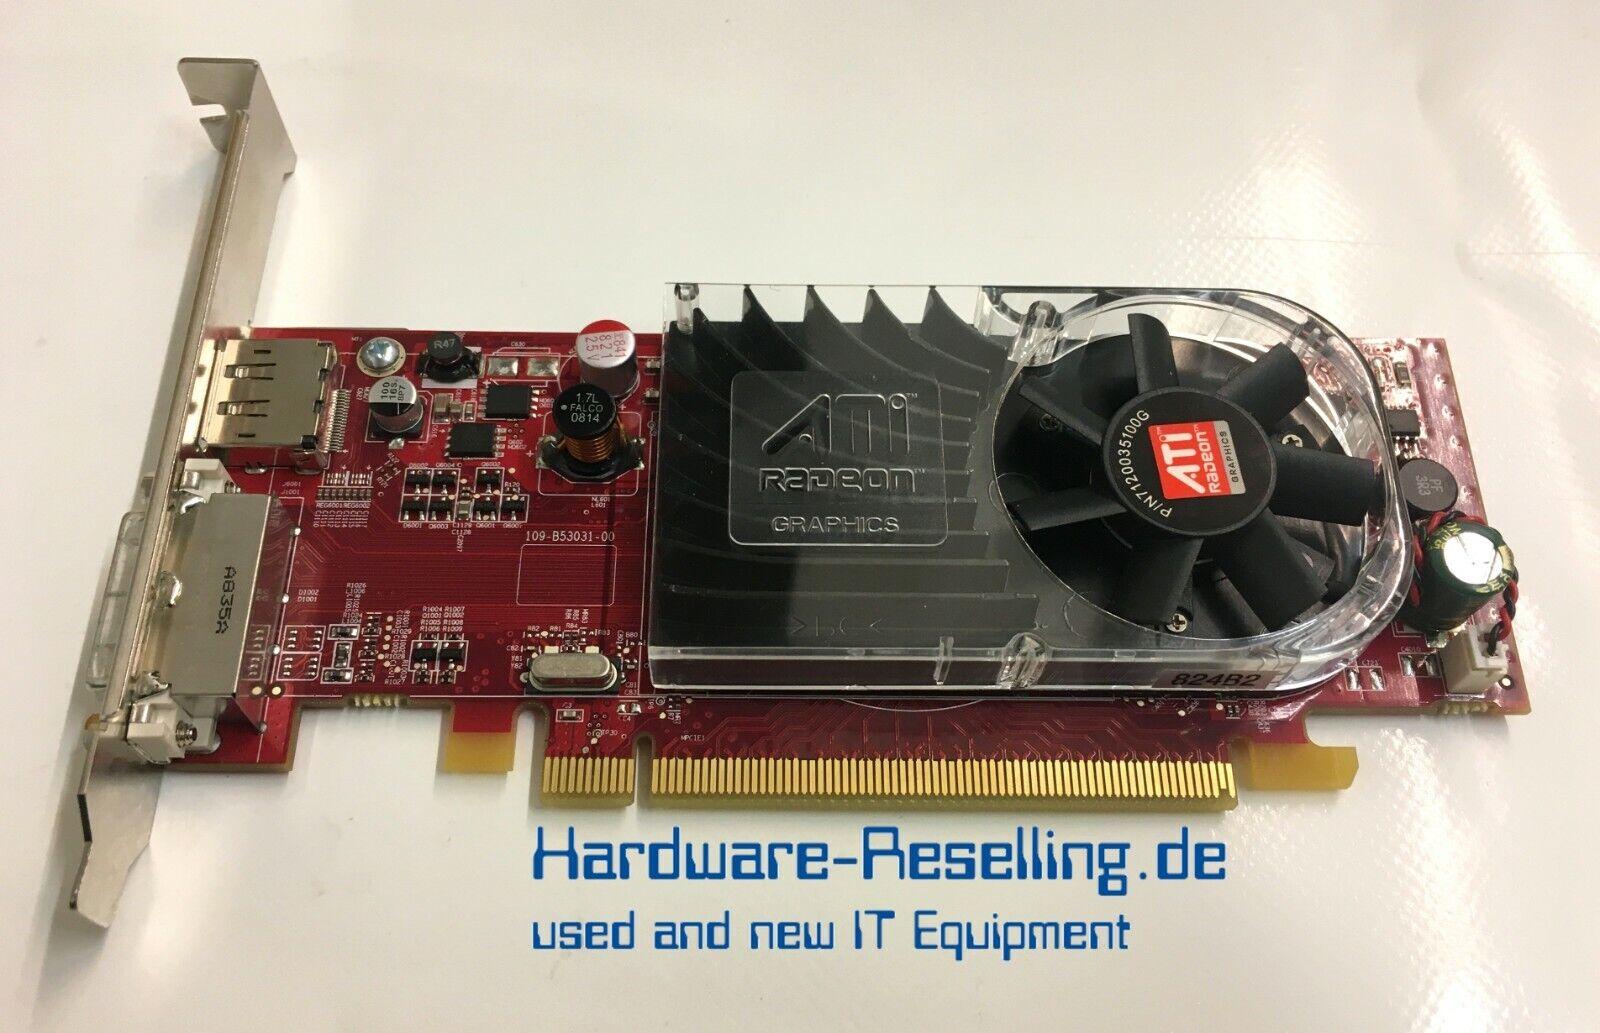 HP ATI Radeon HD 3470 Grafikkarte PCIe 2.0 x16 DisplayPort DVI-I 483951-001